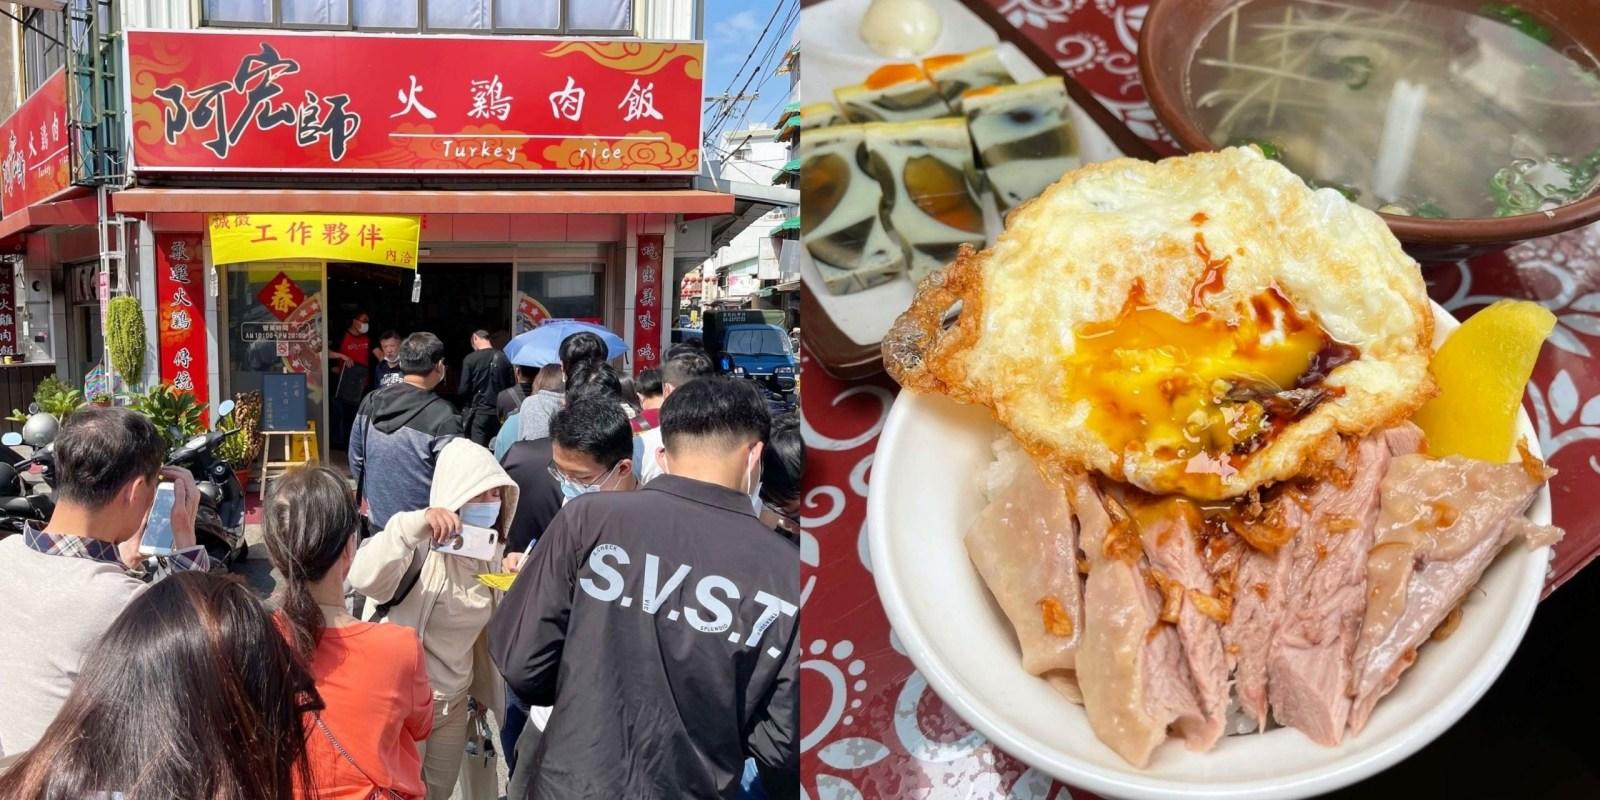 [嘉義美食] 阿宏師火雞肉飯 - 開店就排隊有大片火雞肉的超人氣火雞肉飯!